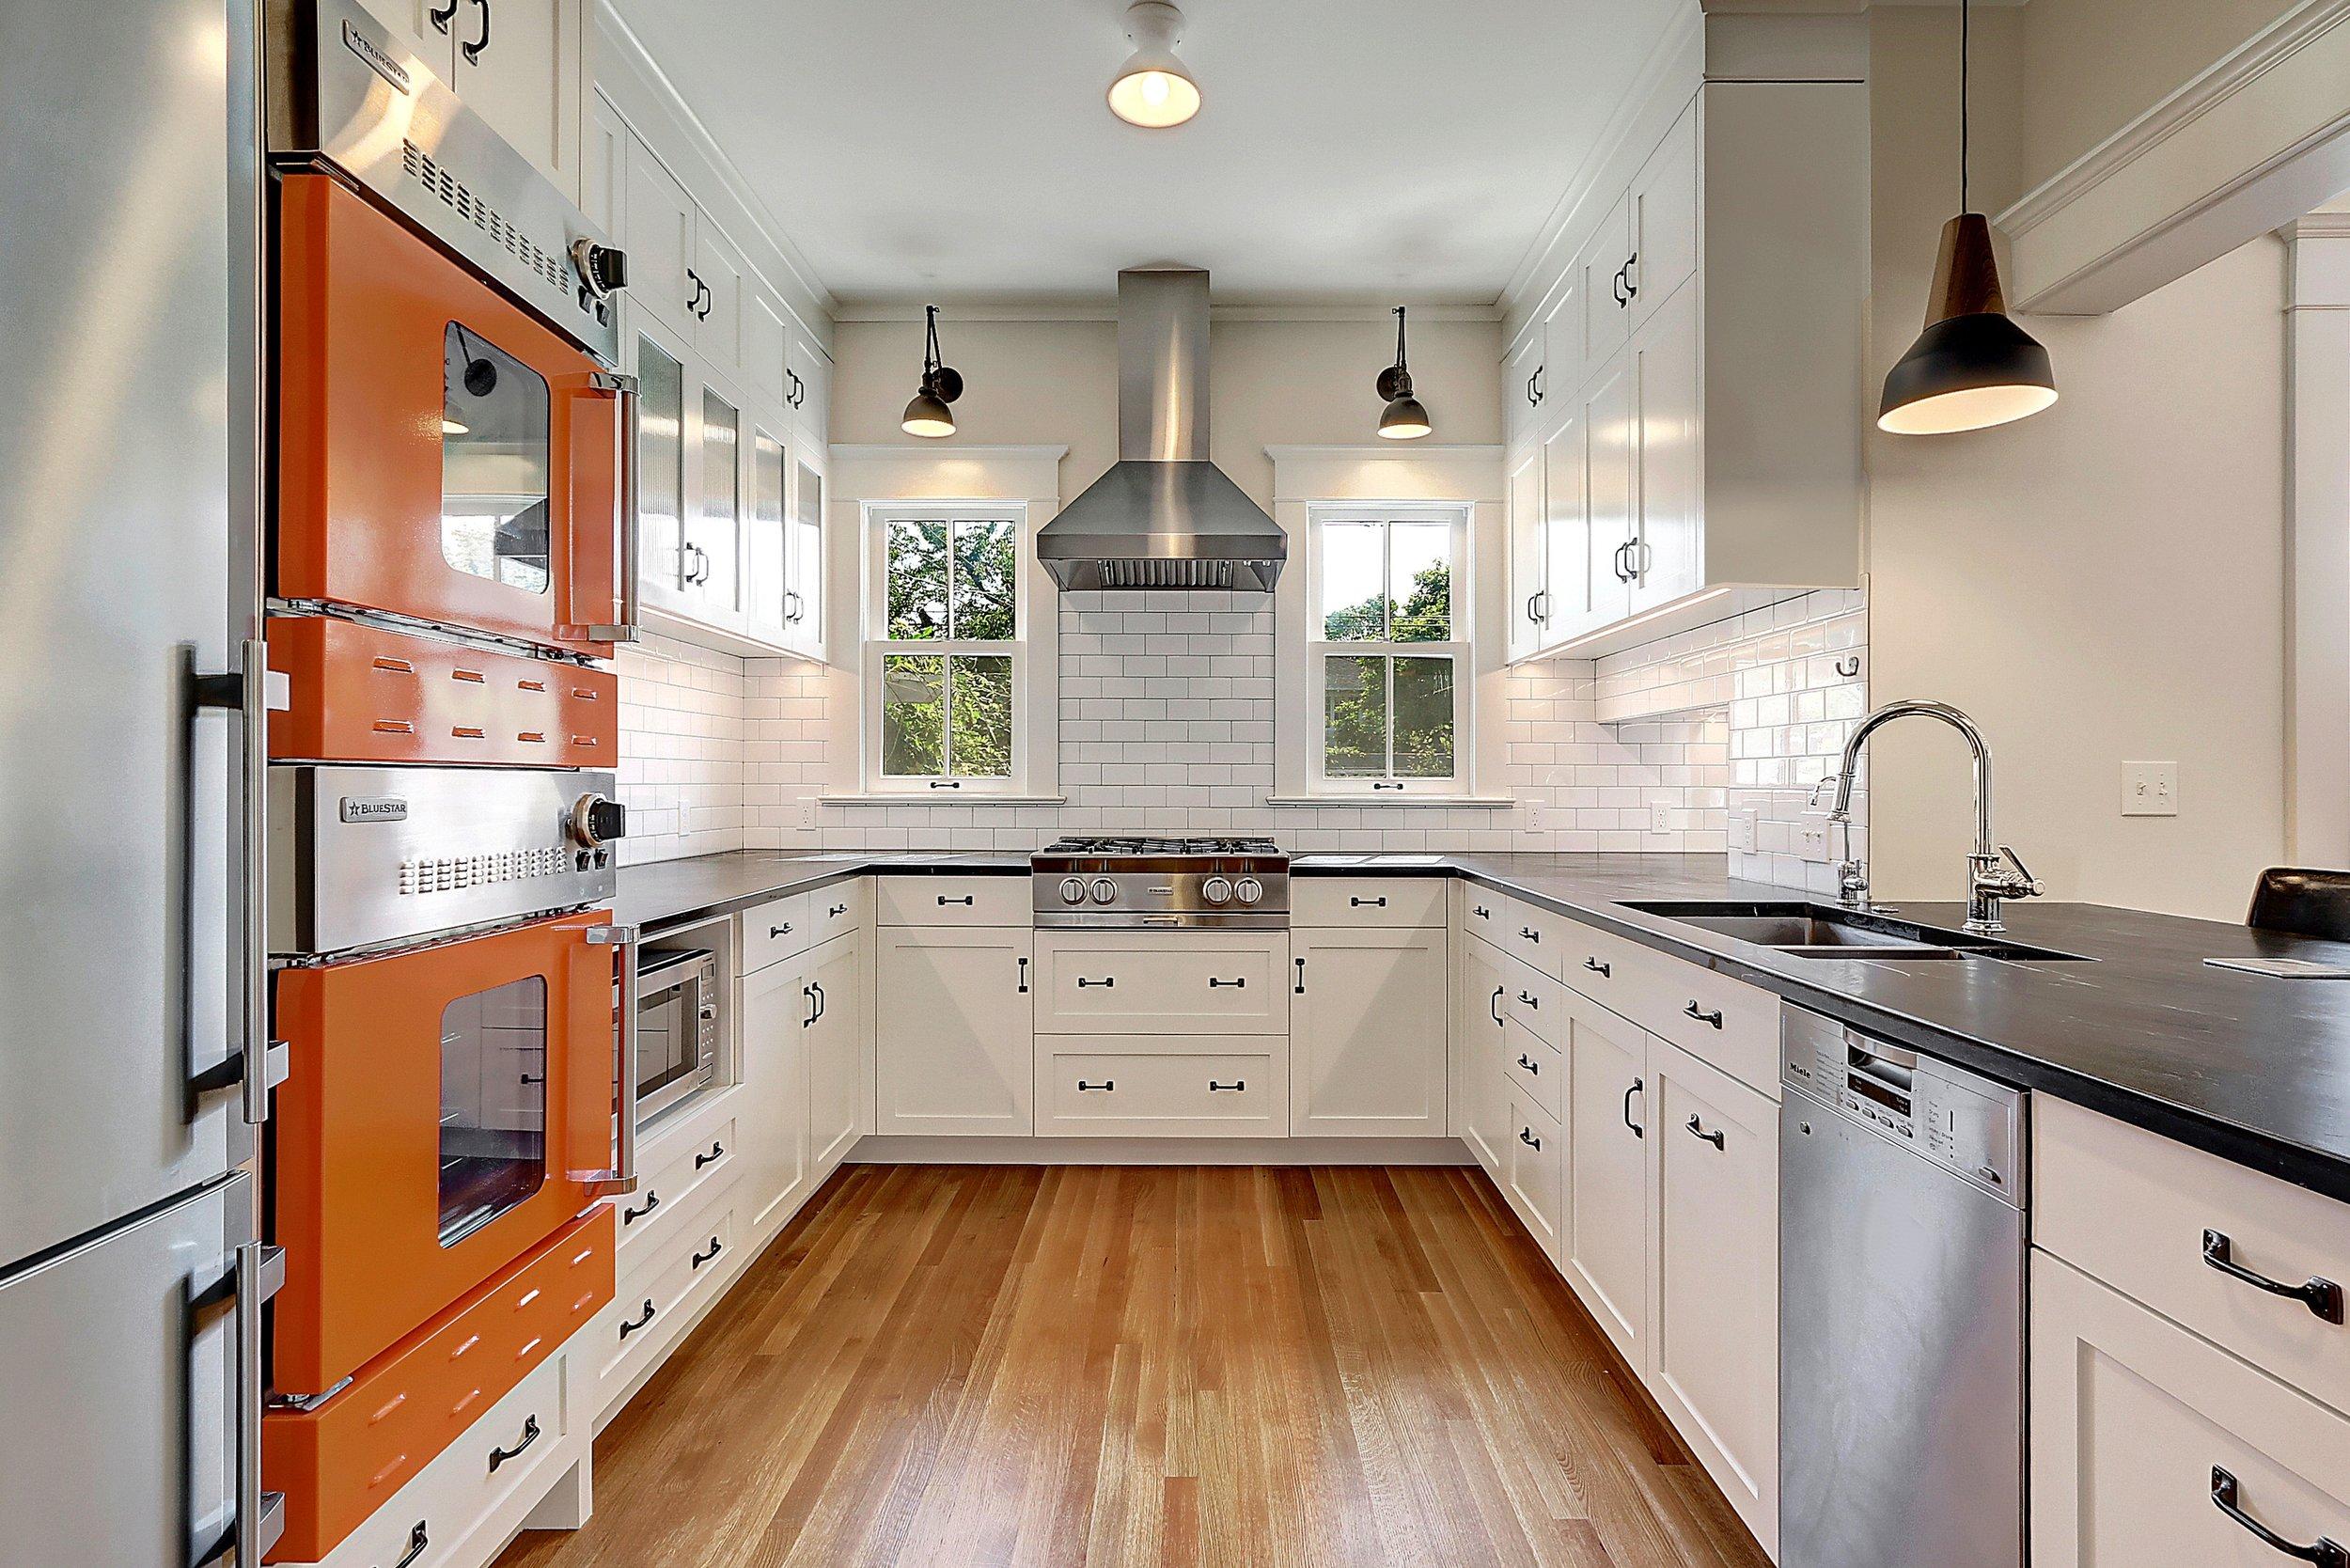 cap hill kitchen_02.jpg